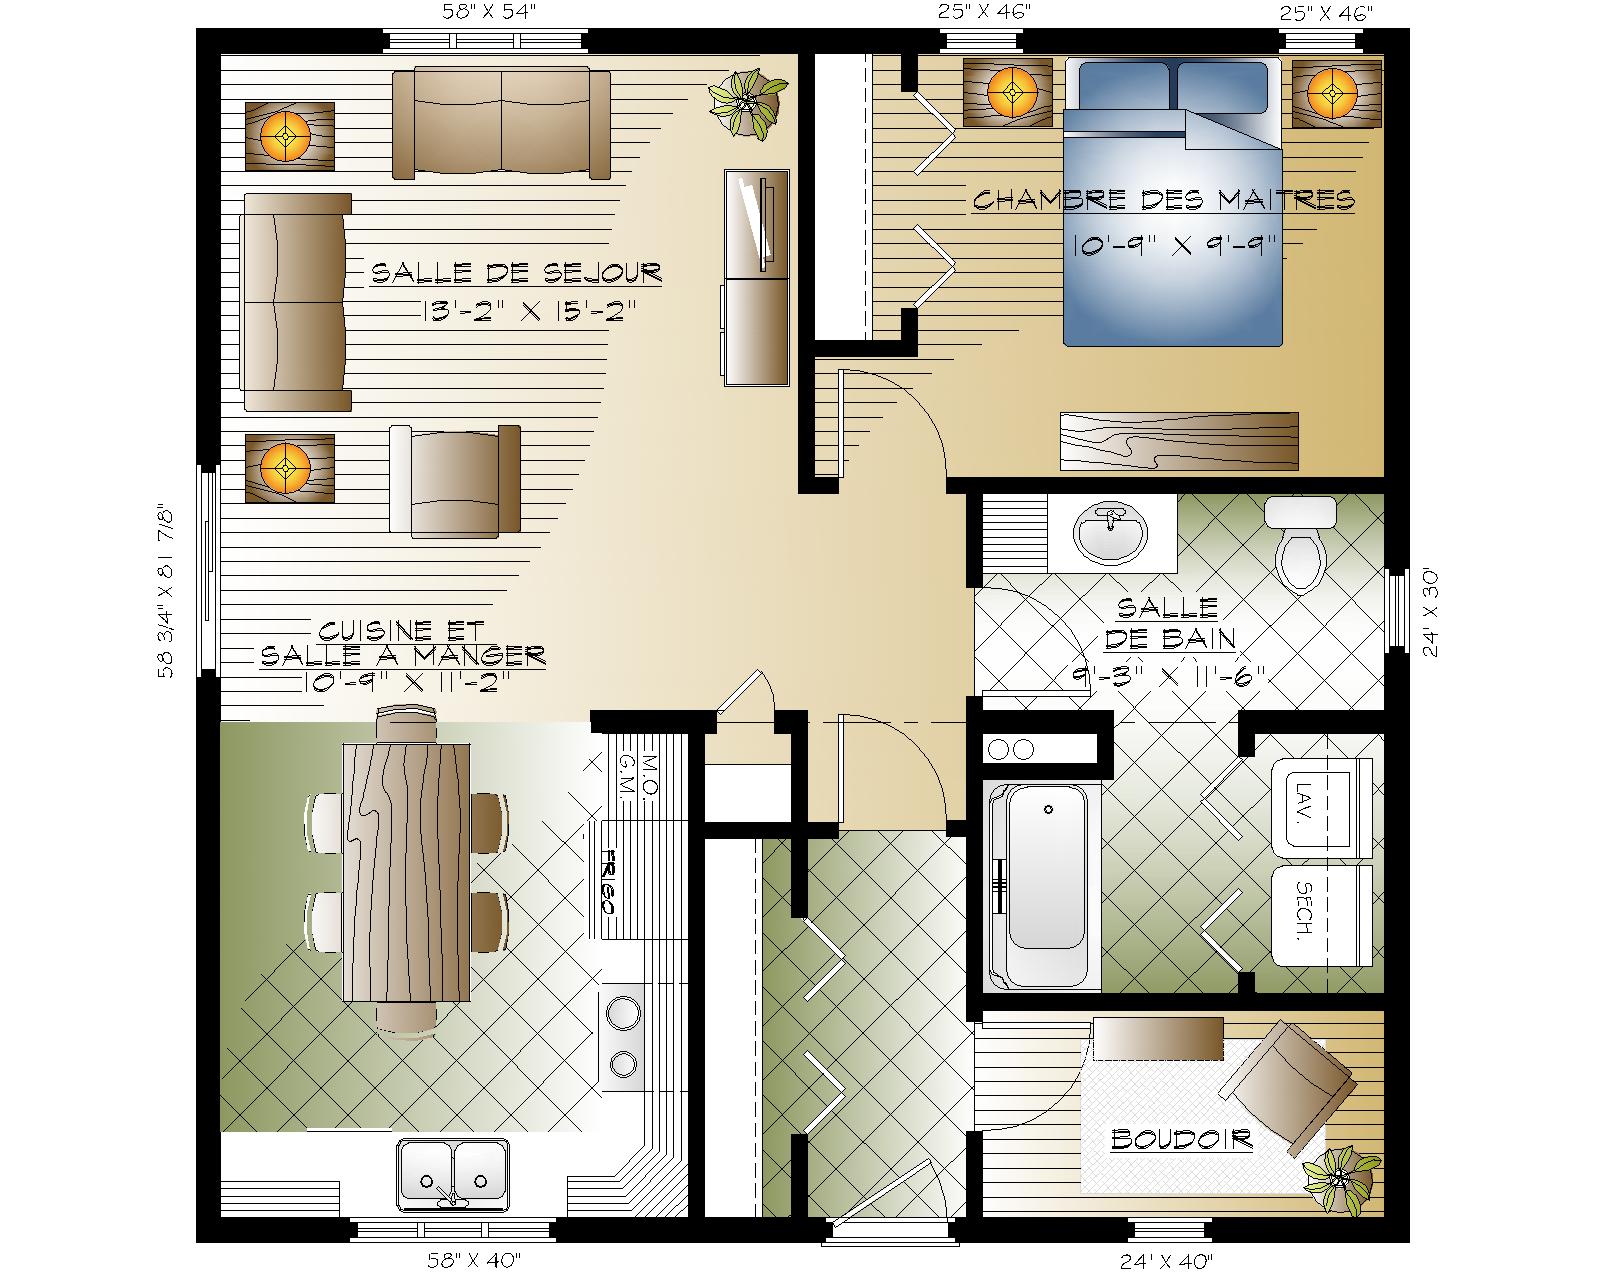 Serpentine Habitations Mont Carleton Maison Anglaise Plan Maison Plans De Maisonnette